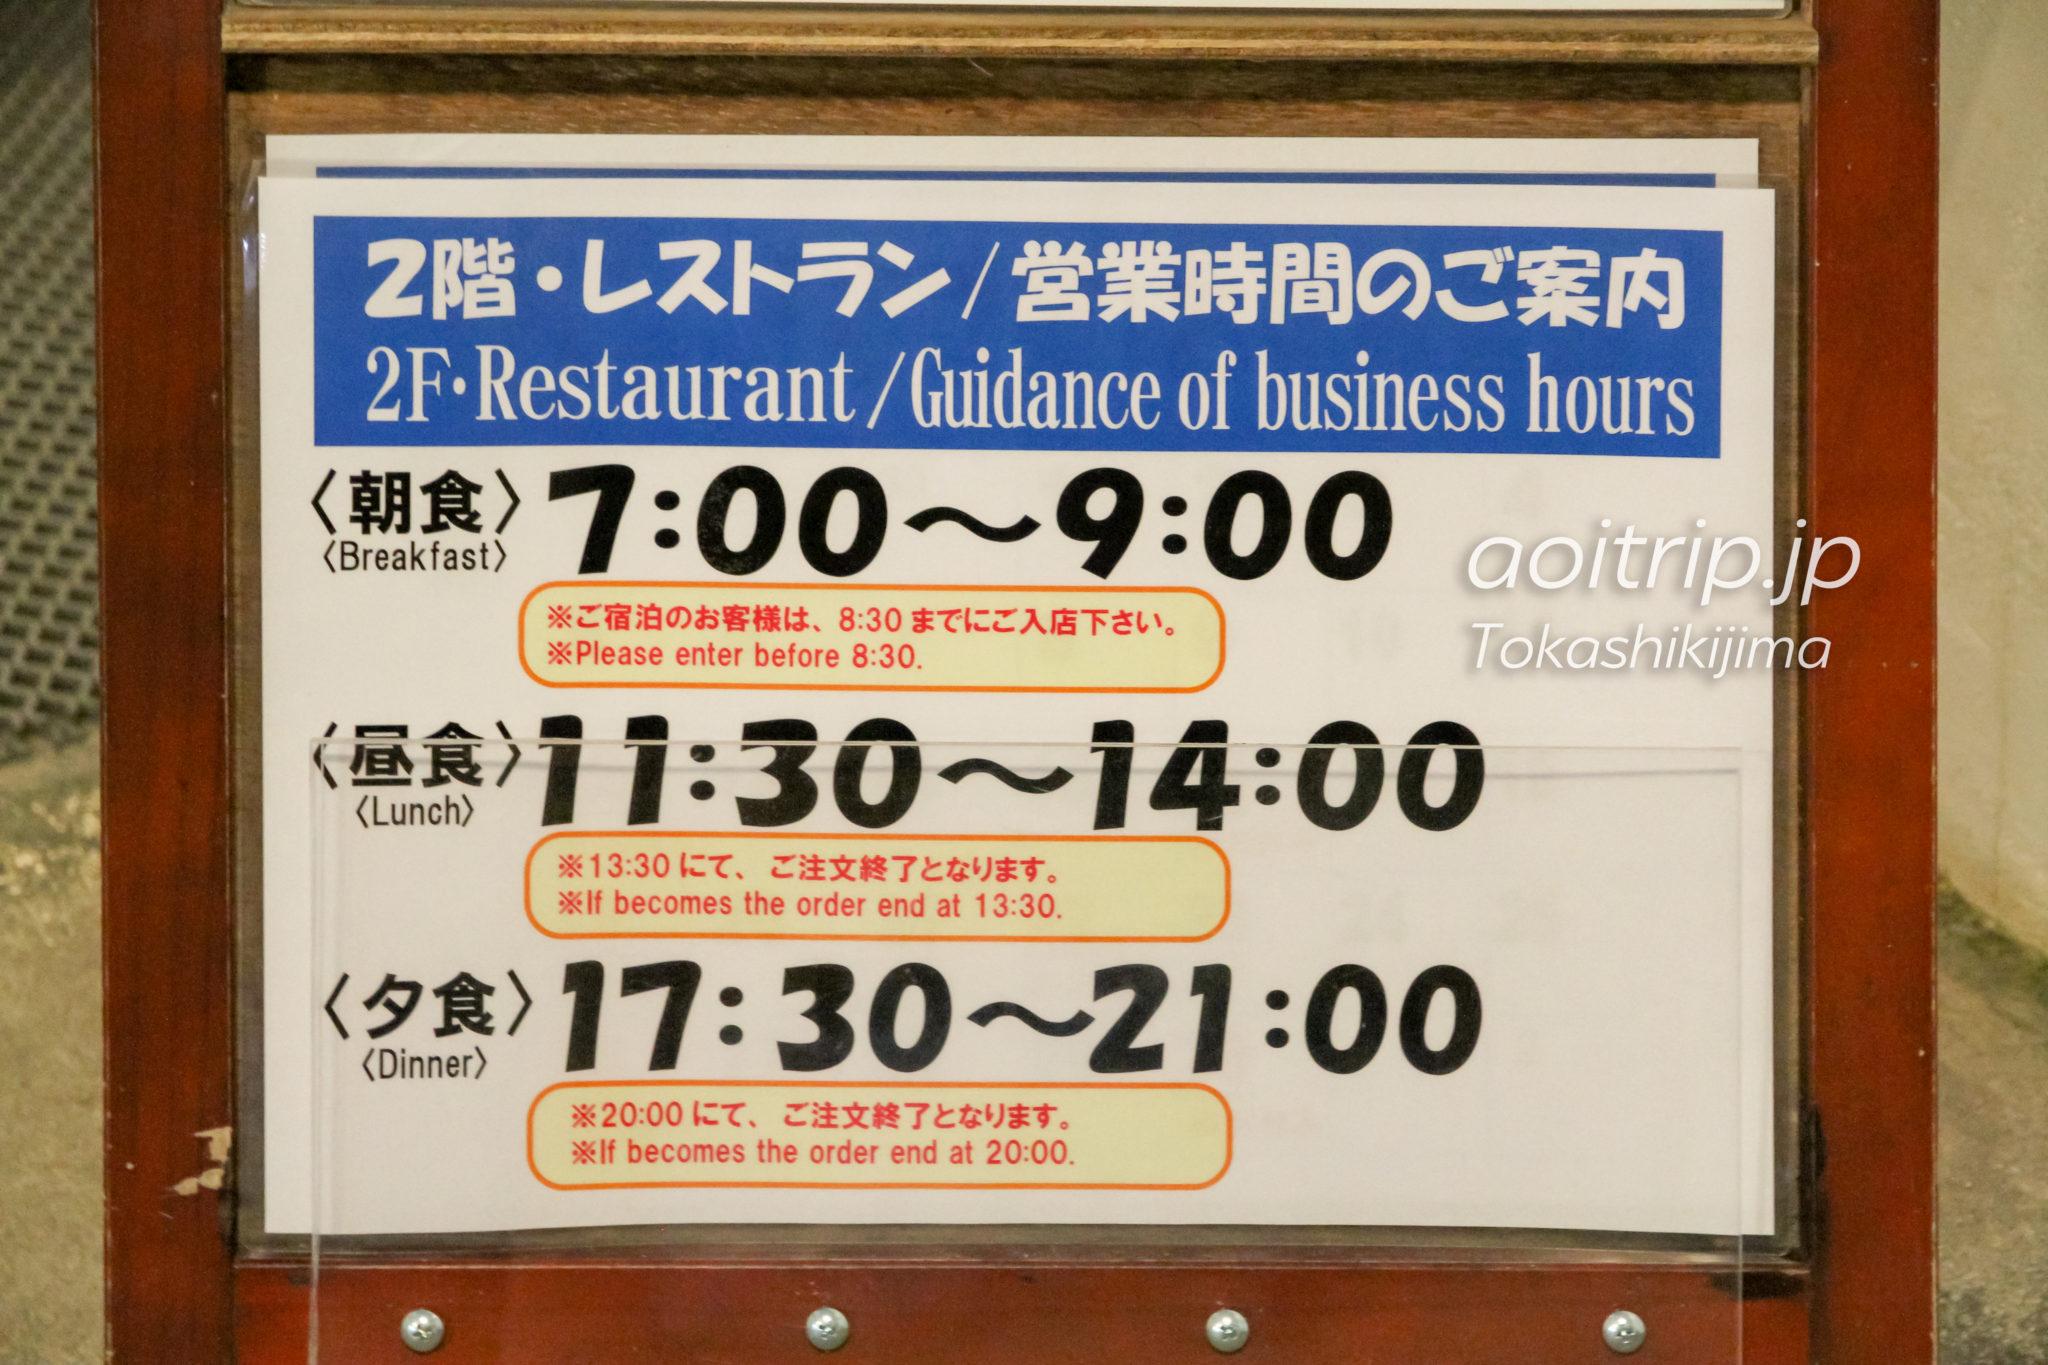 渡嘉敷島シーフレンドの営業時間